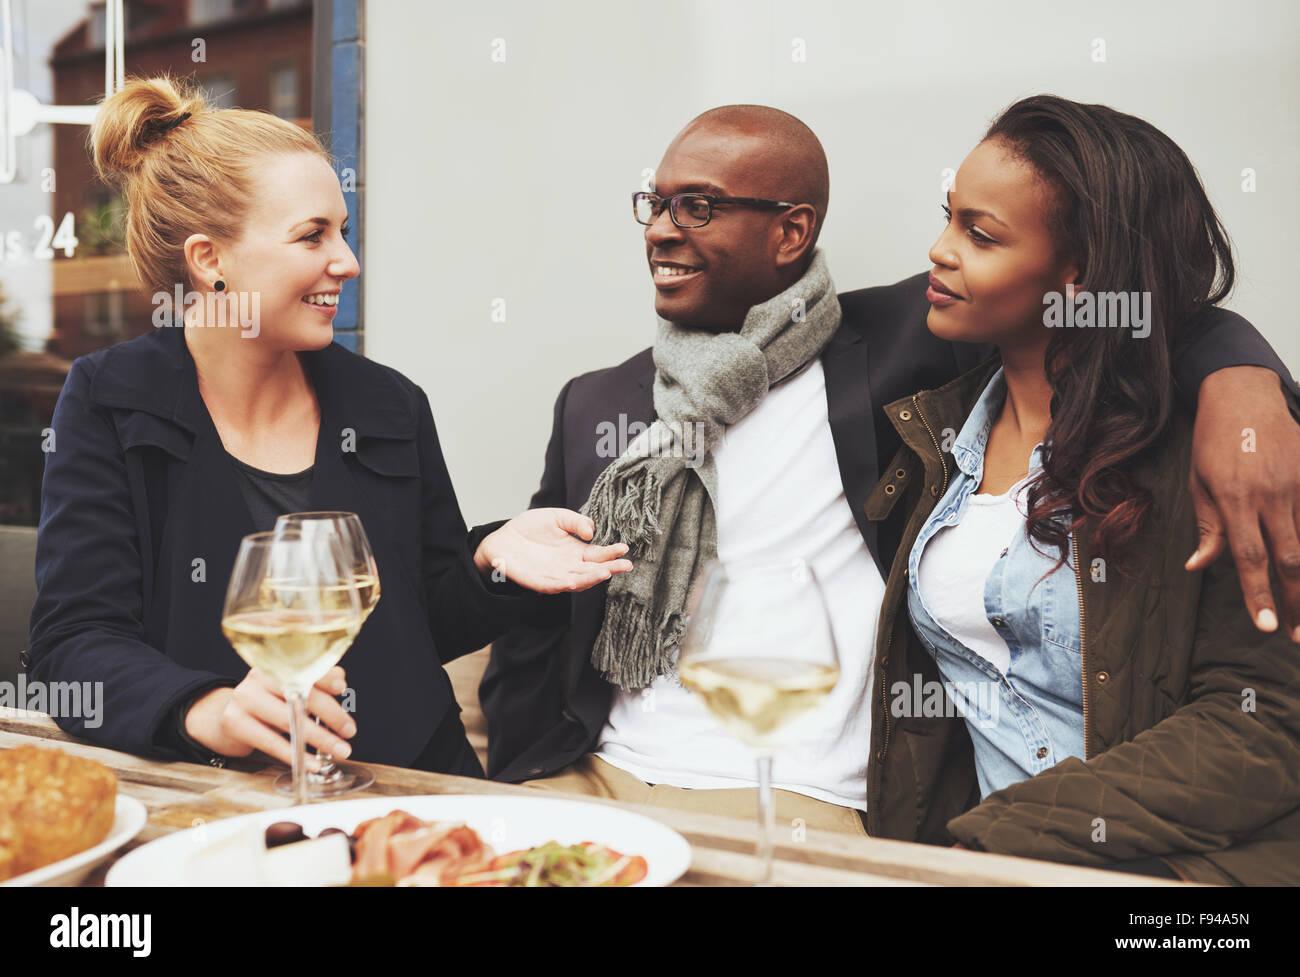 De bons amis de dîner à l'extérieur sur un café, amis ethniques Photo Stock